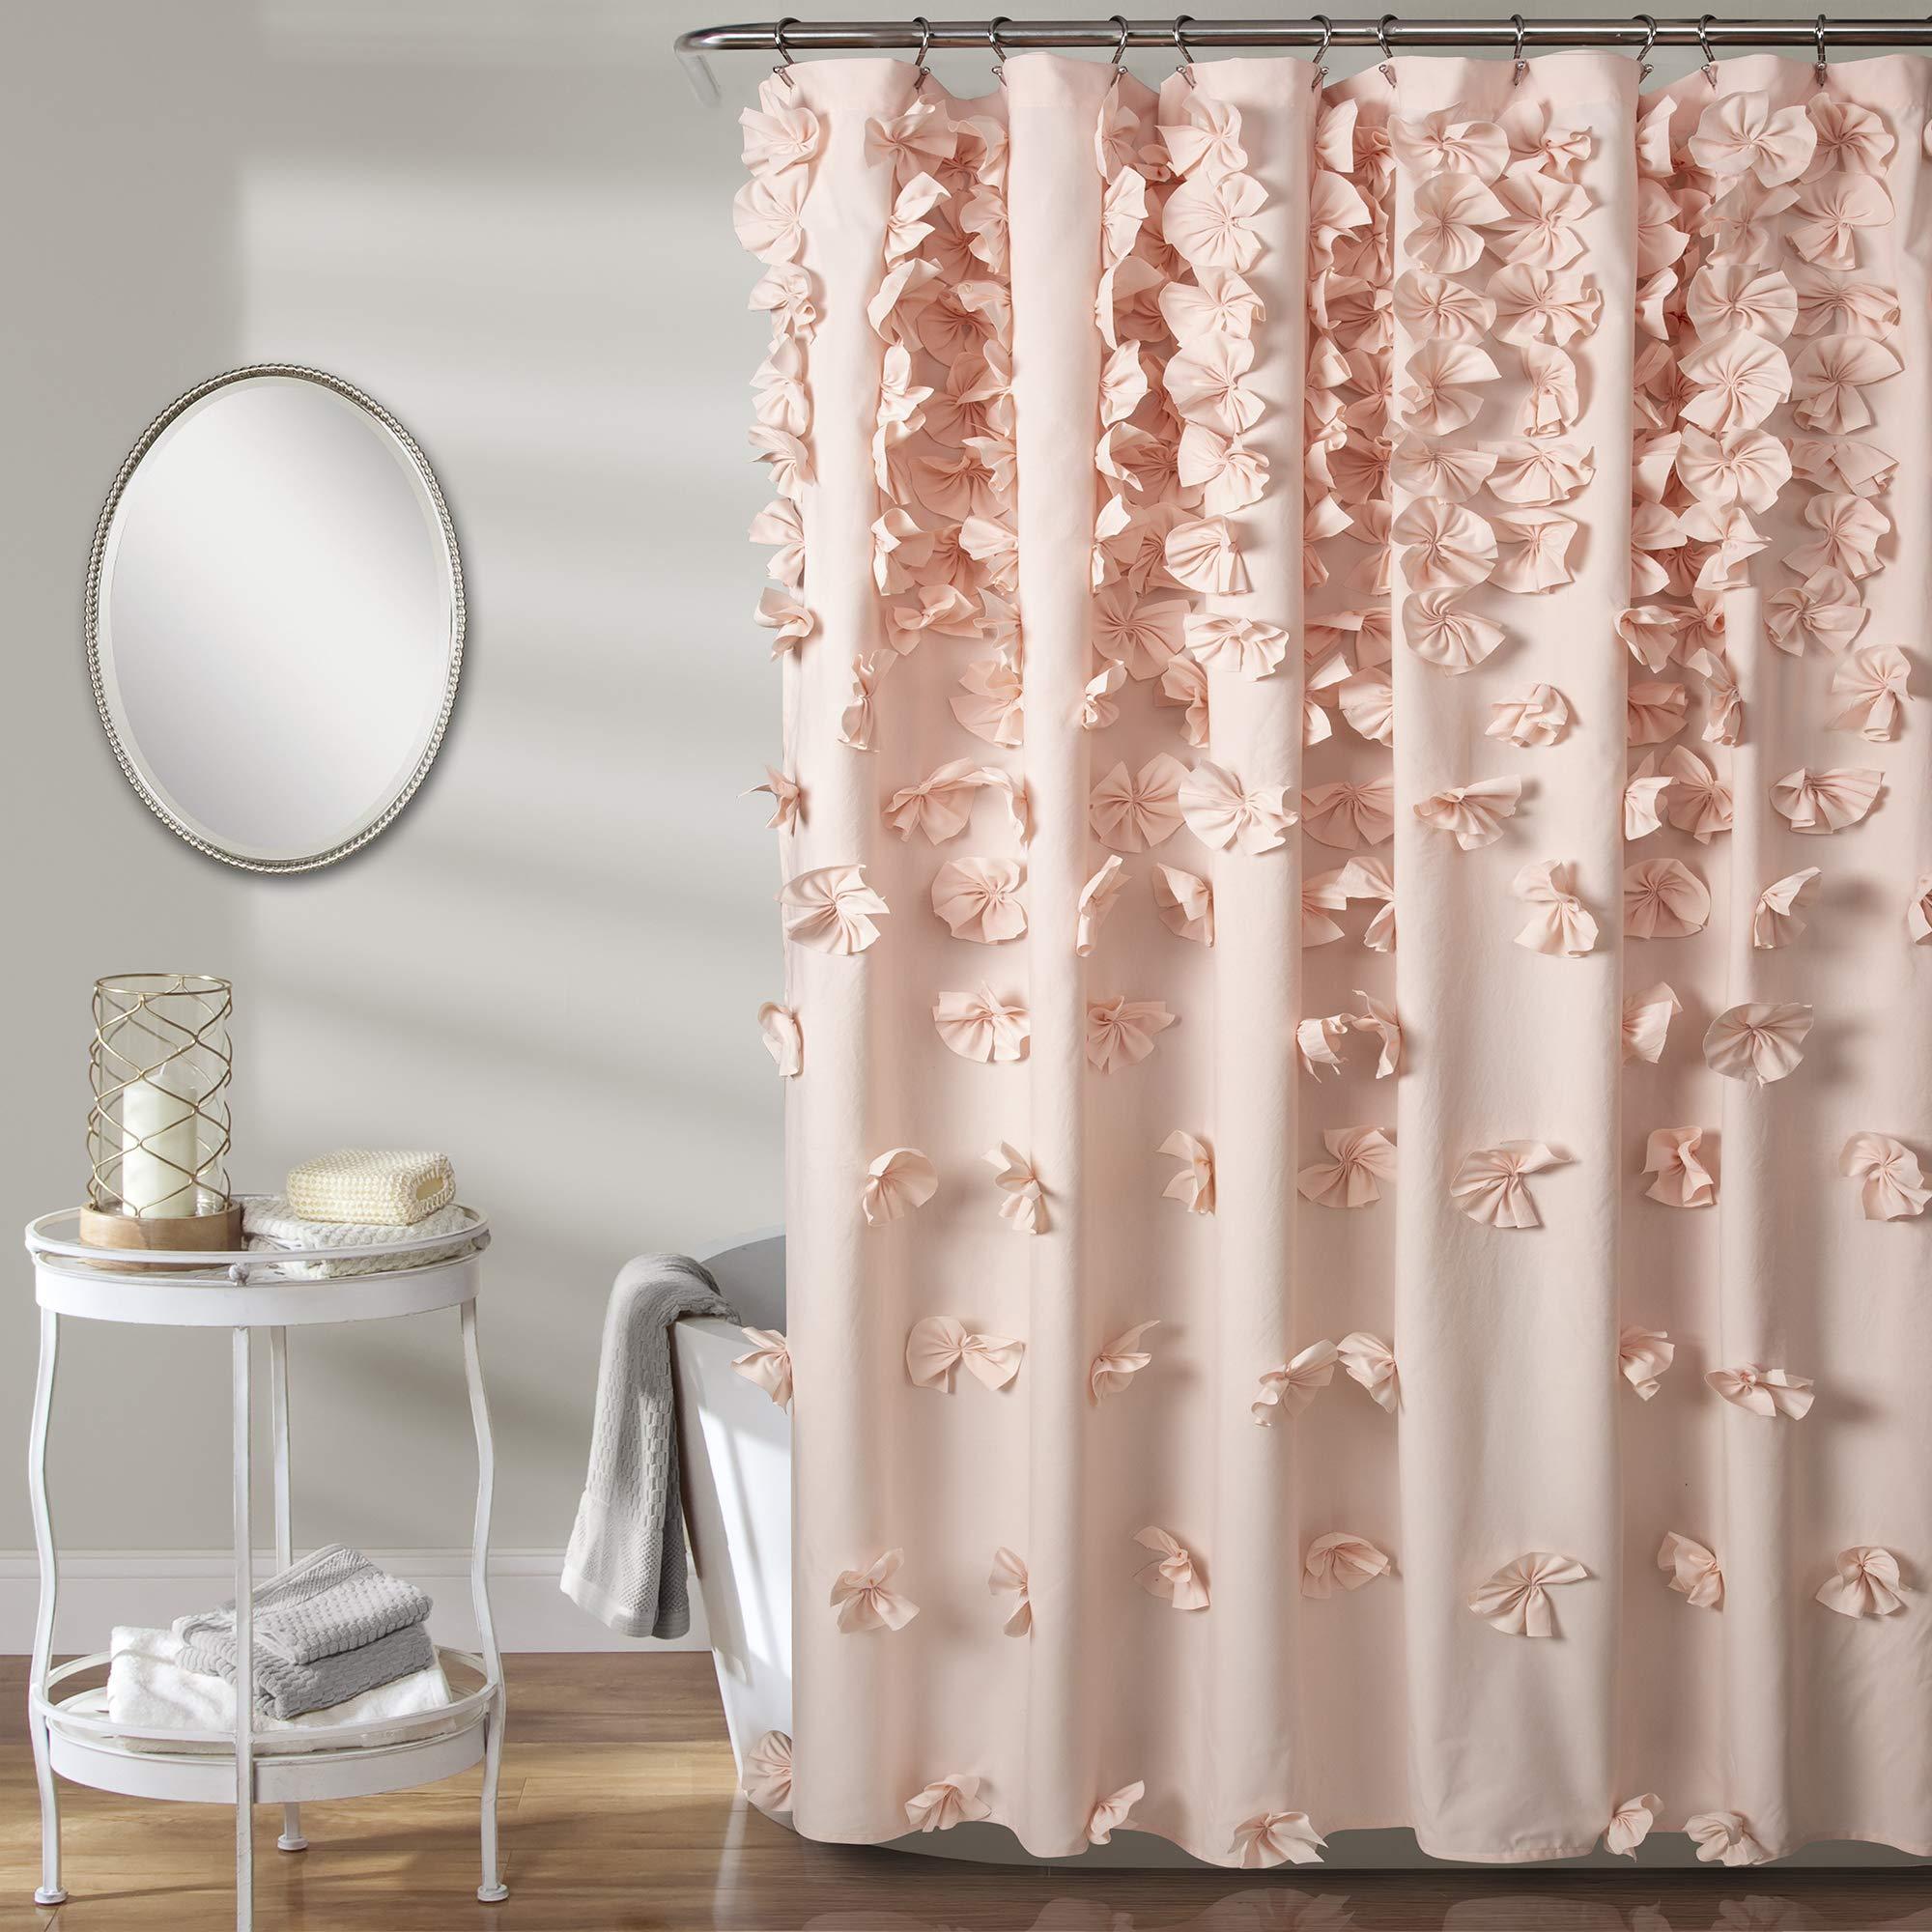 Lush Decor Riley Shower Curtain, 72'' x 72'', Blush